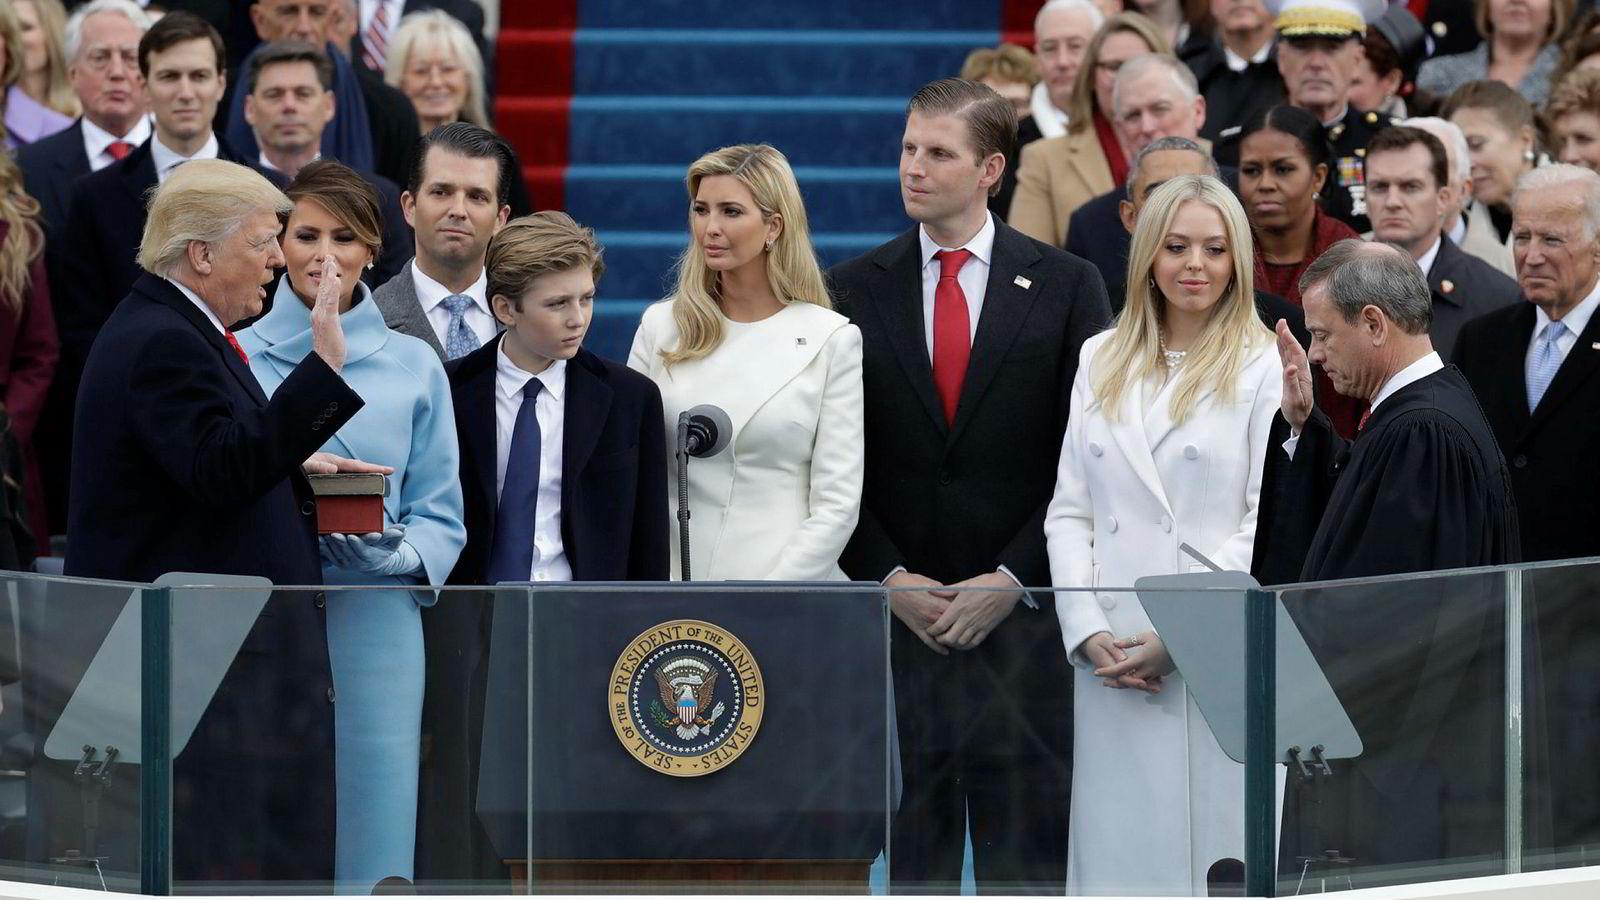 Ukrainere som deltok på Trumps innsettelsesseremoni, er blitt en del av Russland-etterforskningen. På bildet tas Donald Trump i ed som USAs 45. president den 20. januar i 2017.